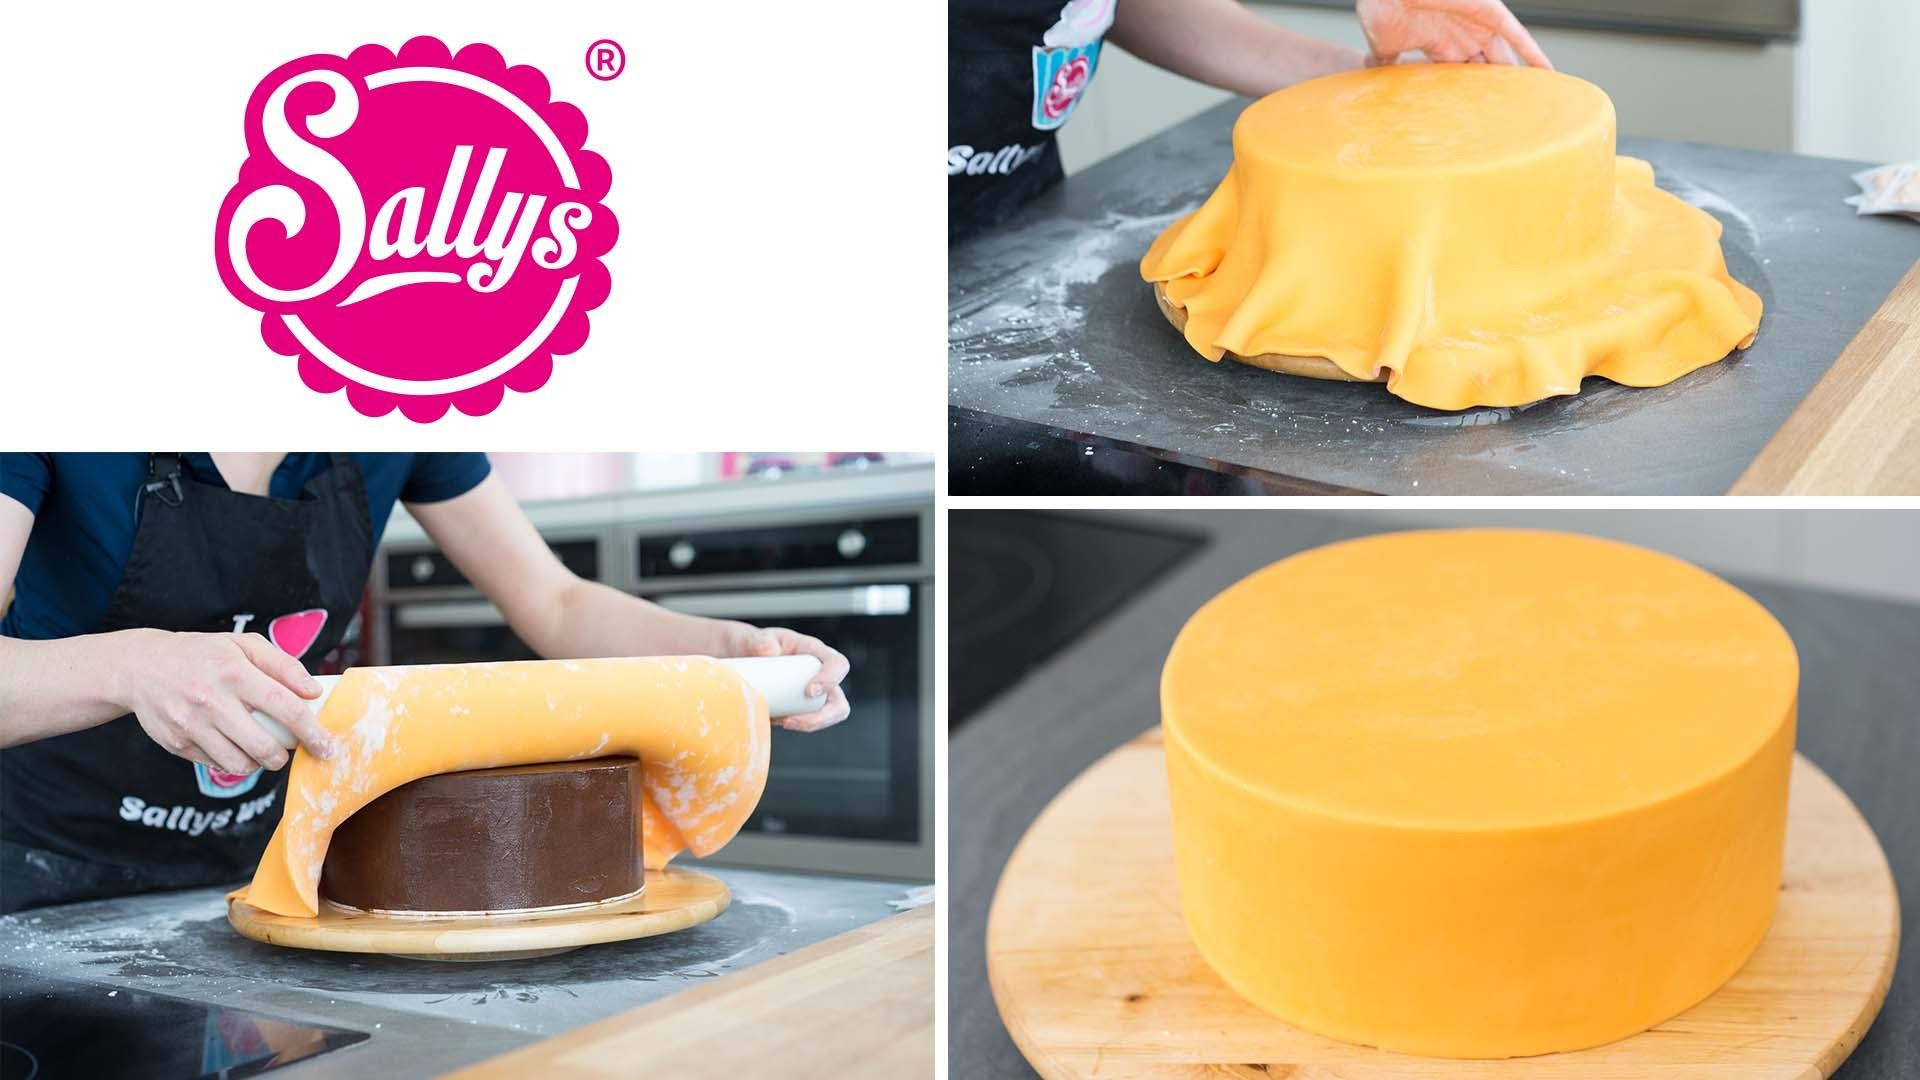 Fondanttorte überziehen - runde Torte mit Fondant eindecken / Tipps & Tricks / Sallys Basics #fondant